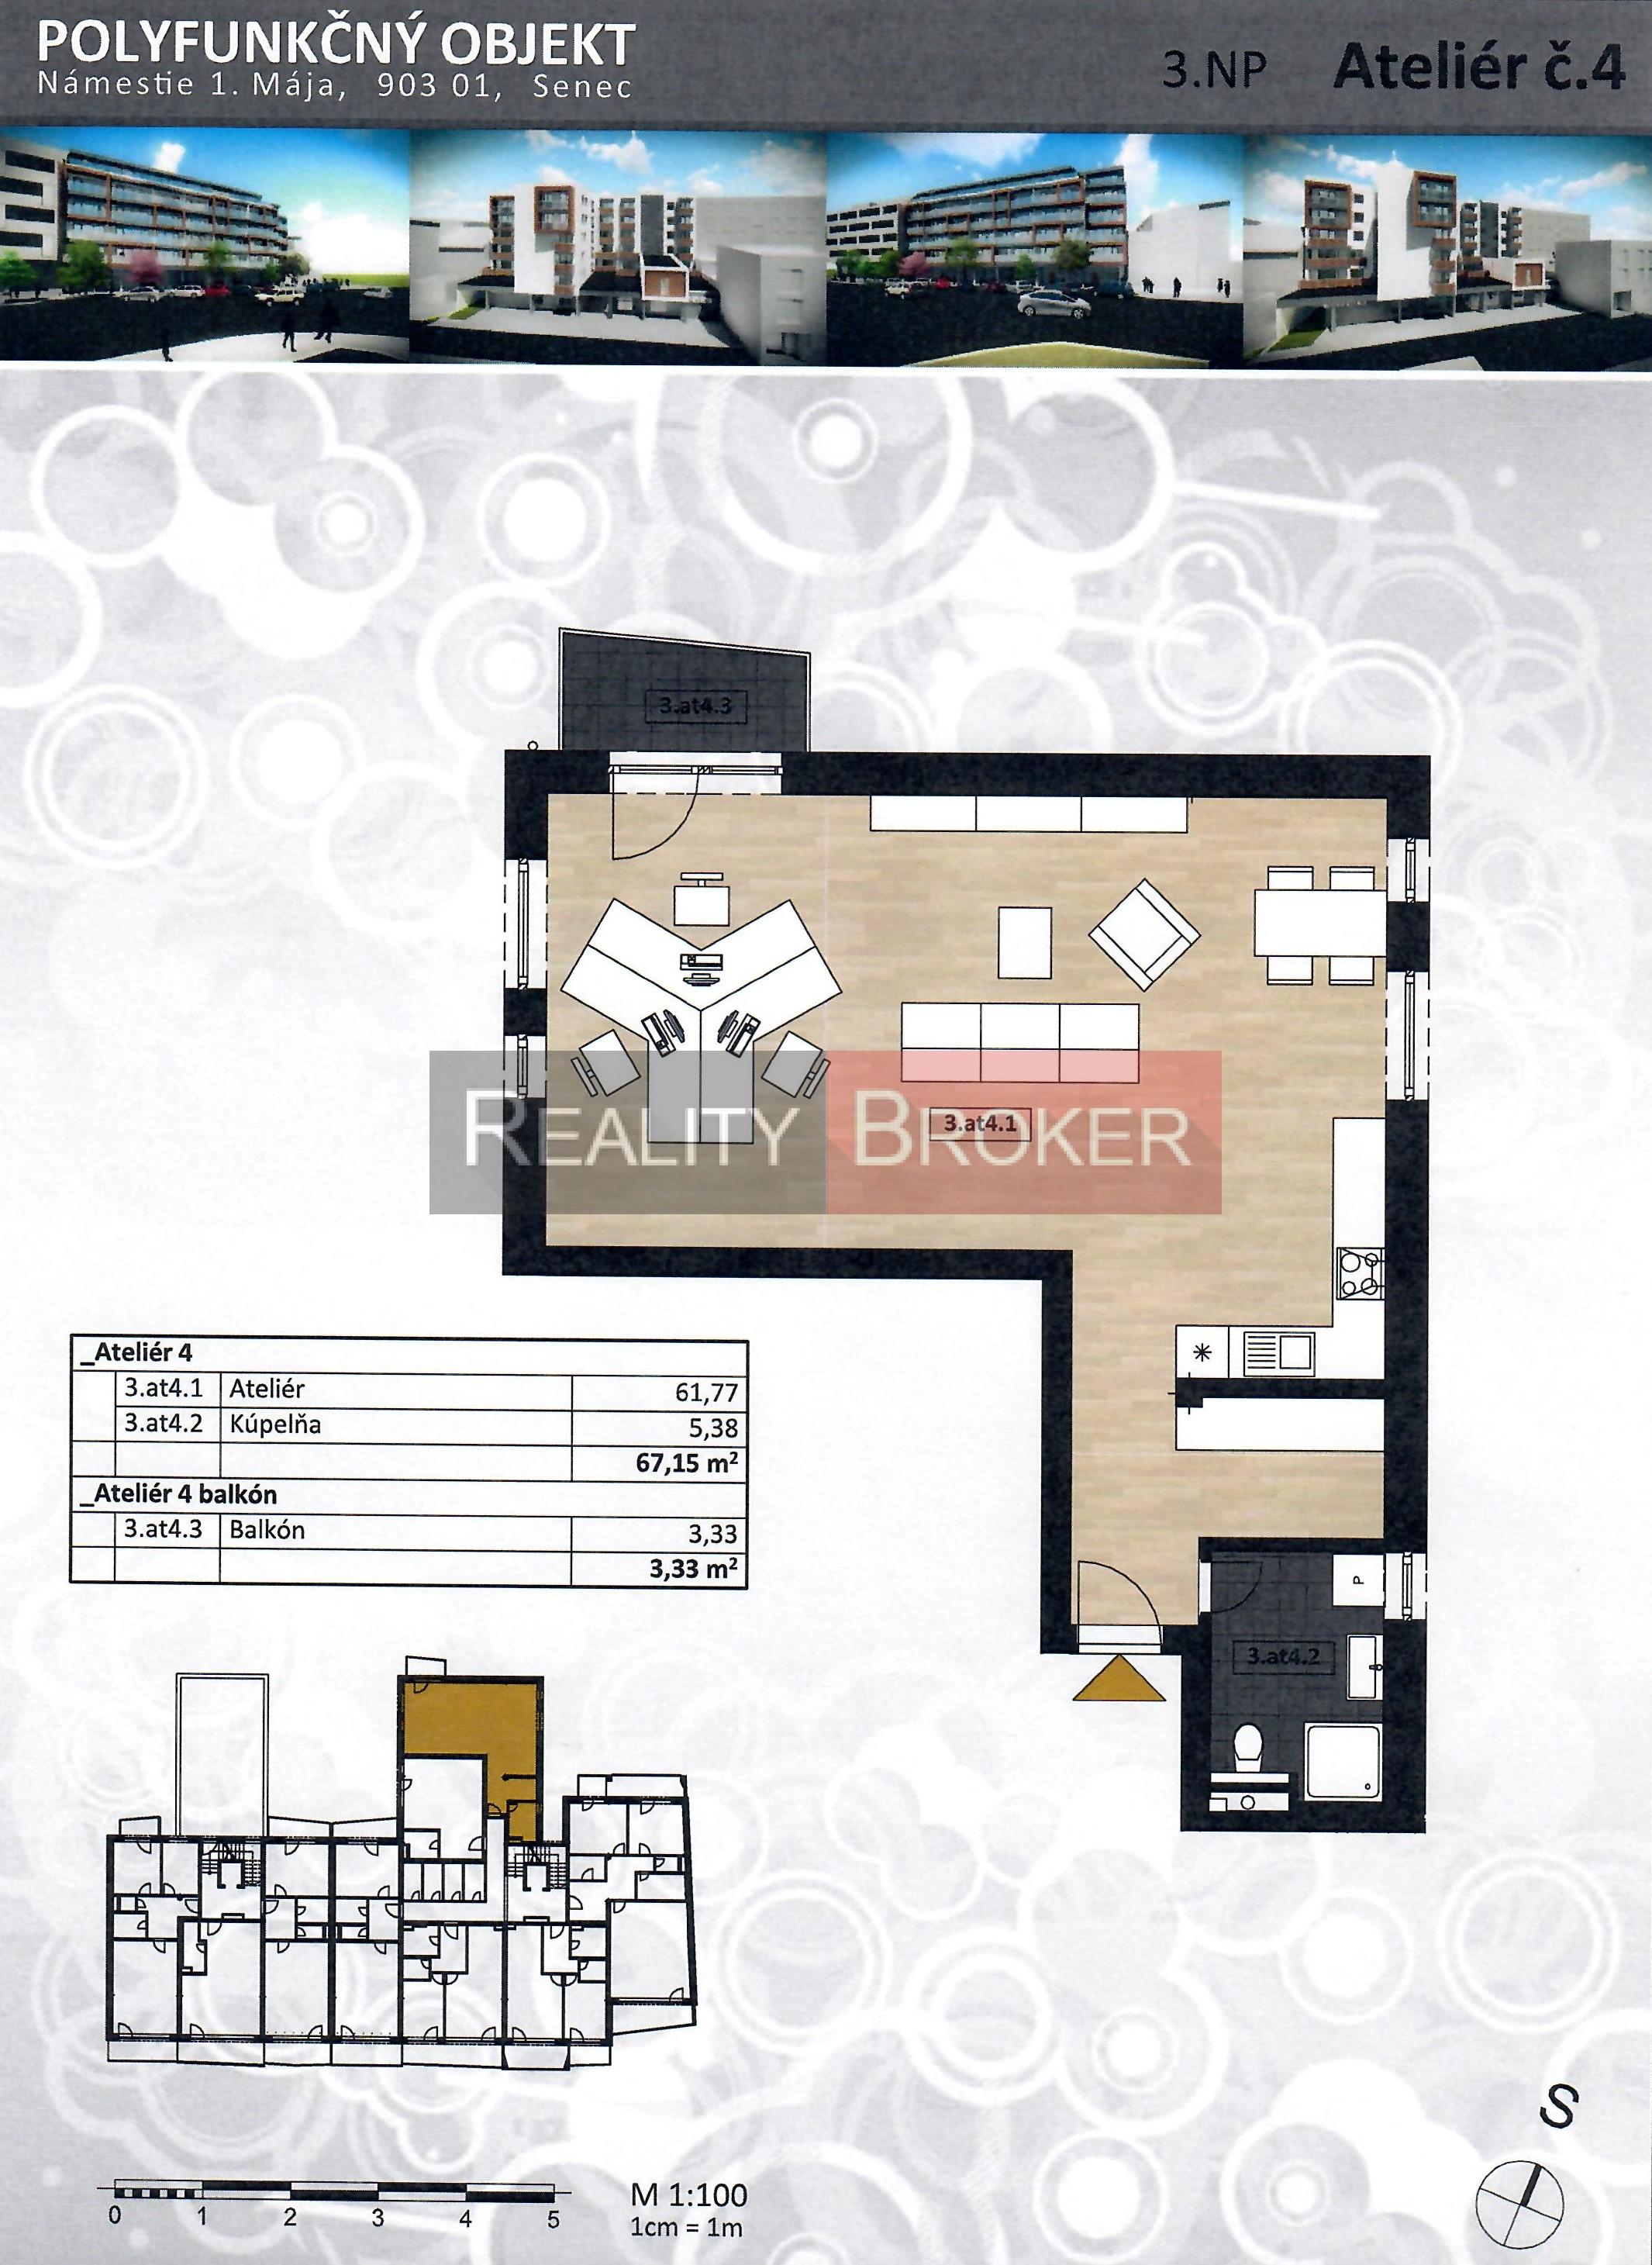 Reality Broker ponúka na predaj  veľký priestranný 1 izb. byt  – ATELIÉR s balkónom v centre mesta